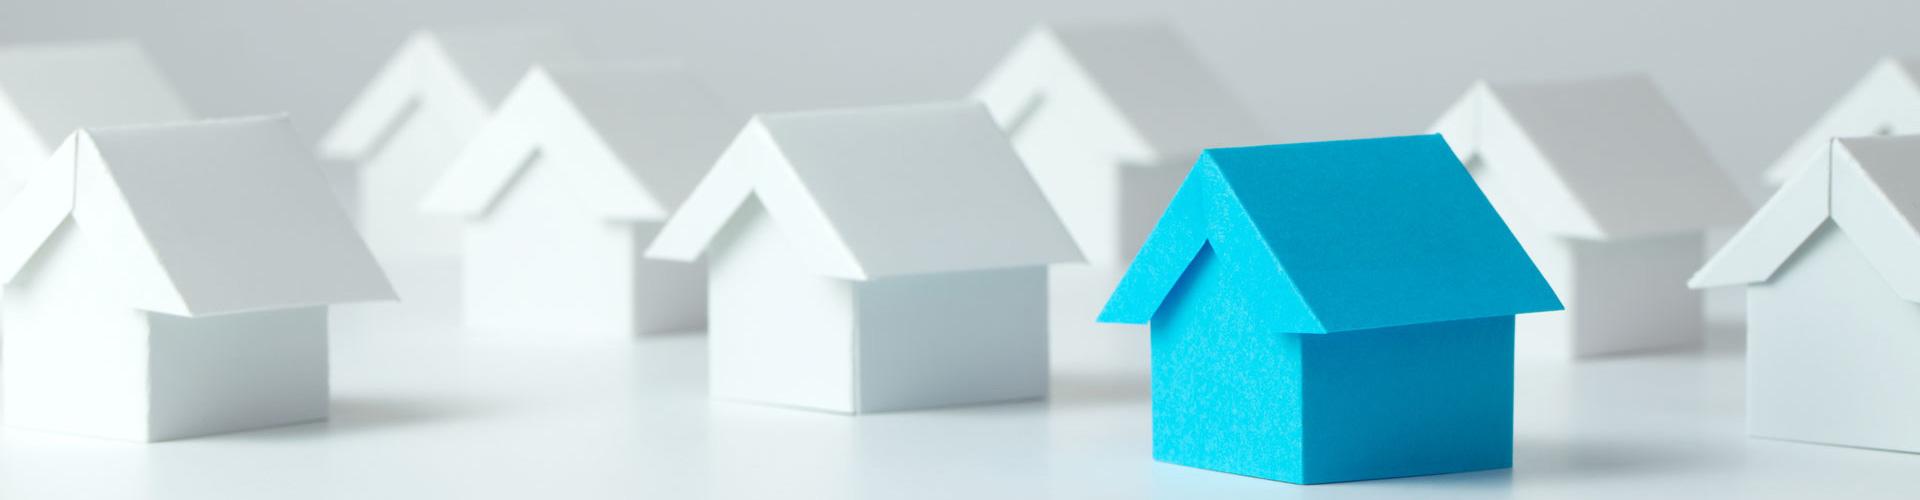 Vente immobilière : Comment j'ai vendu un bien immobilier sans agence